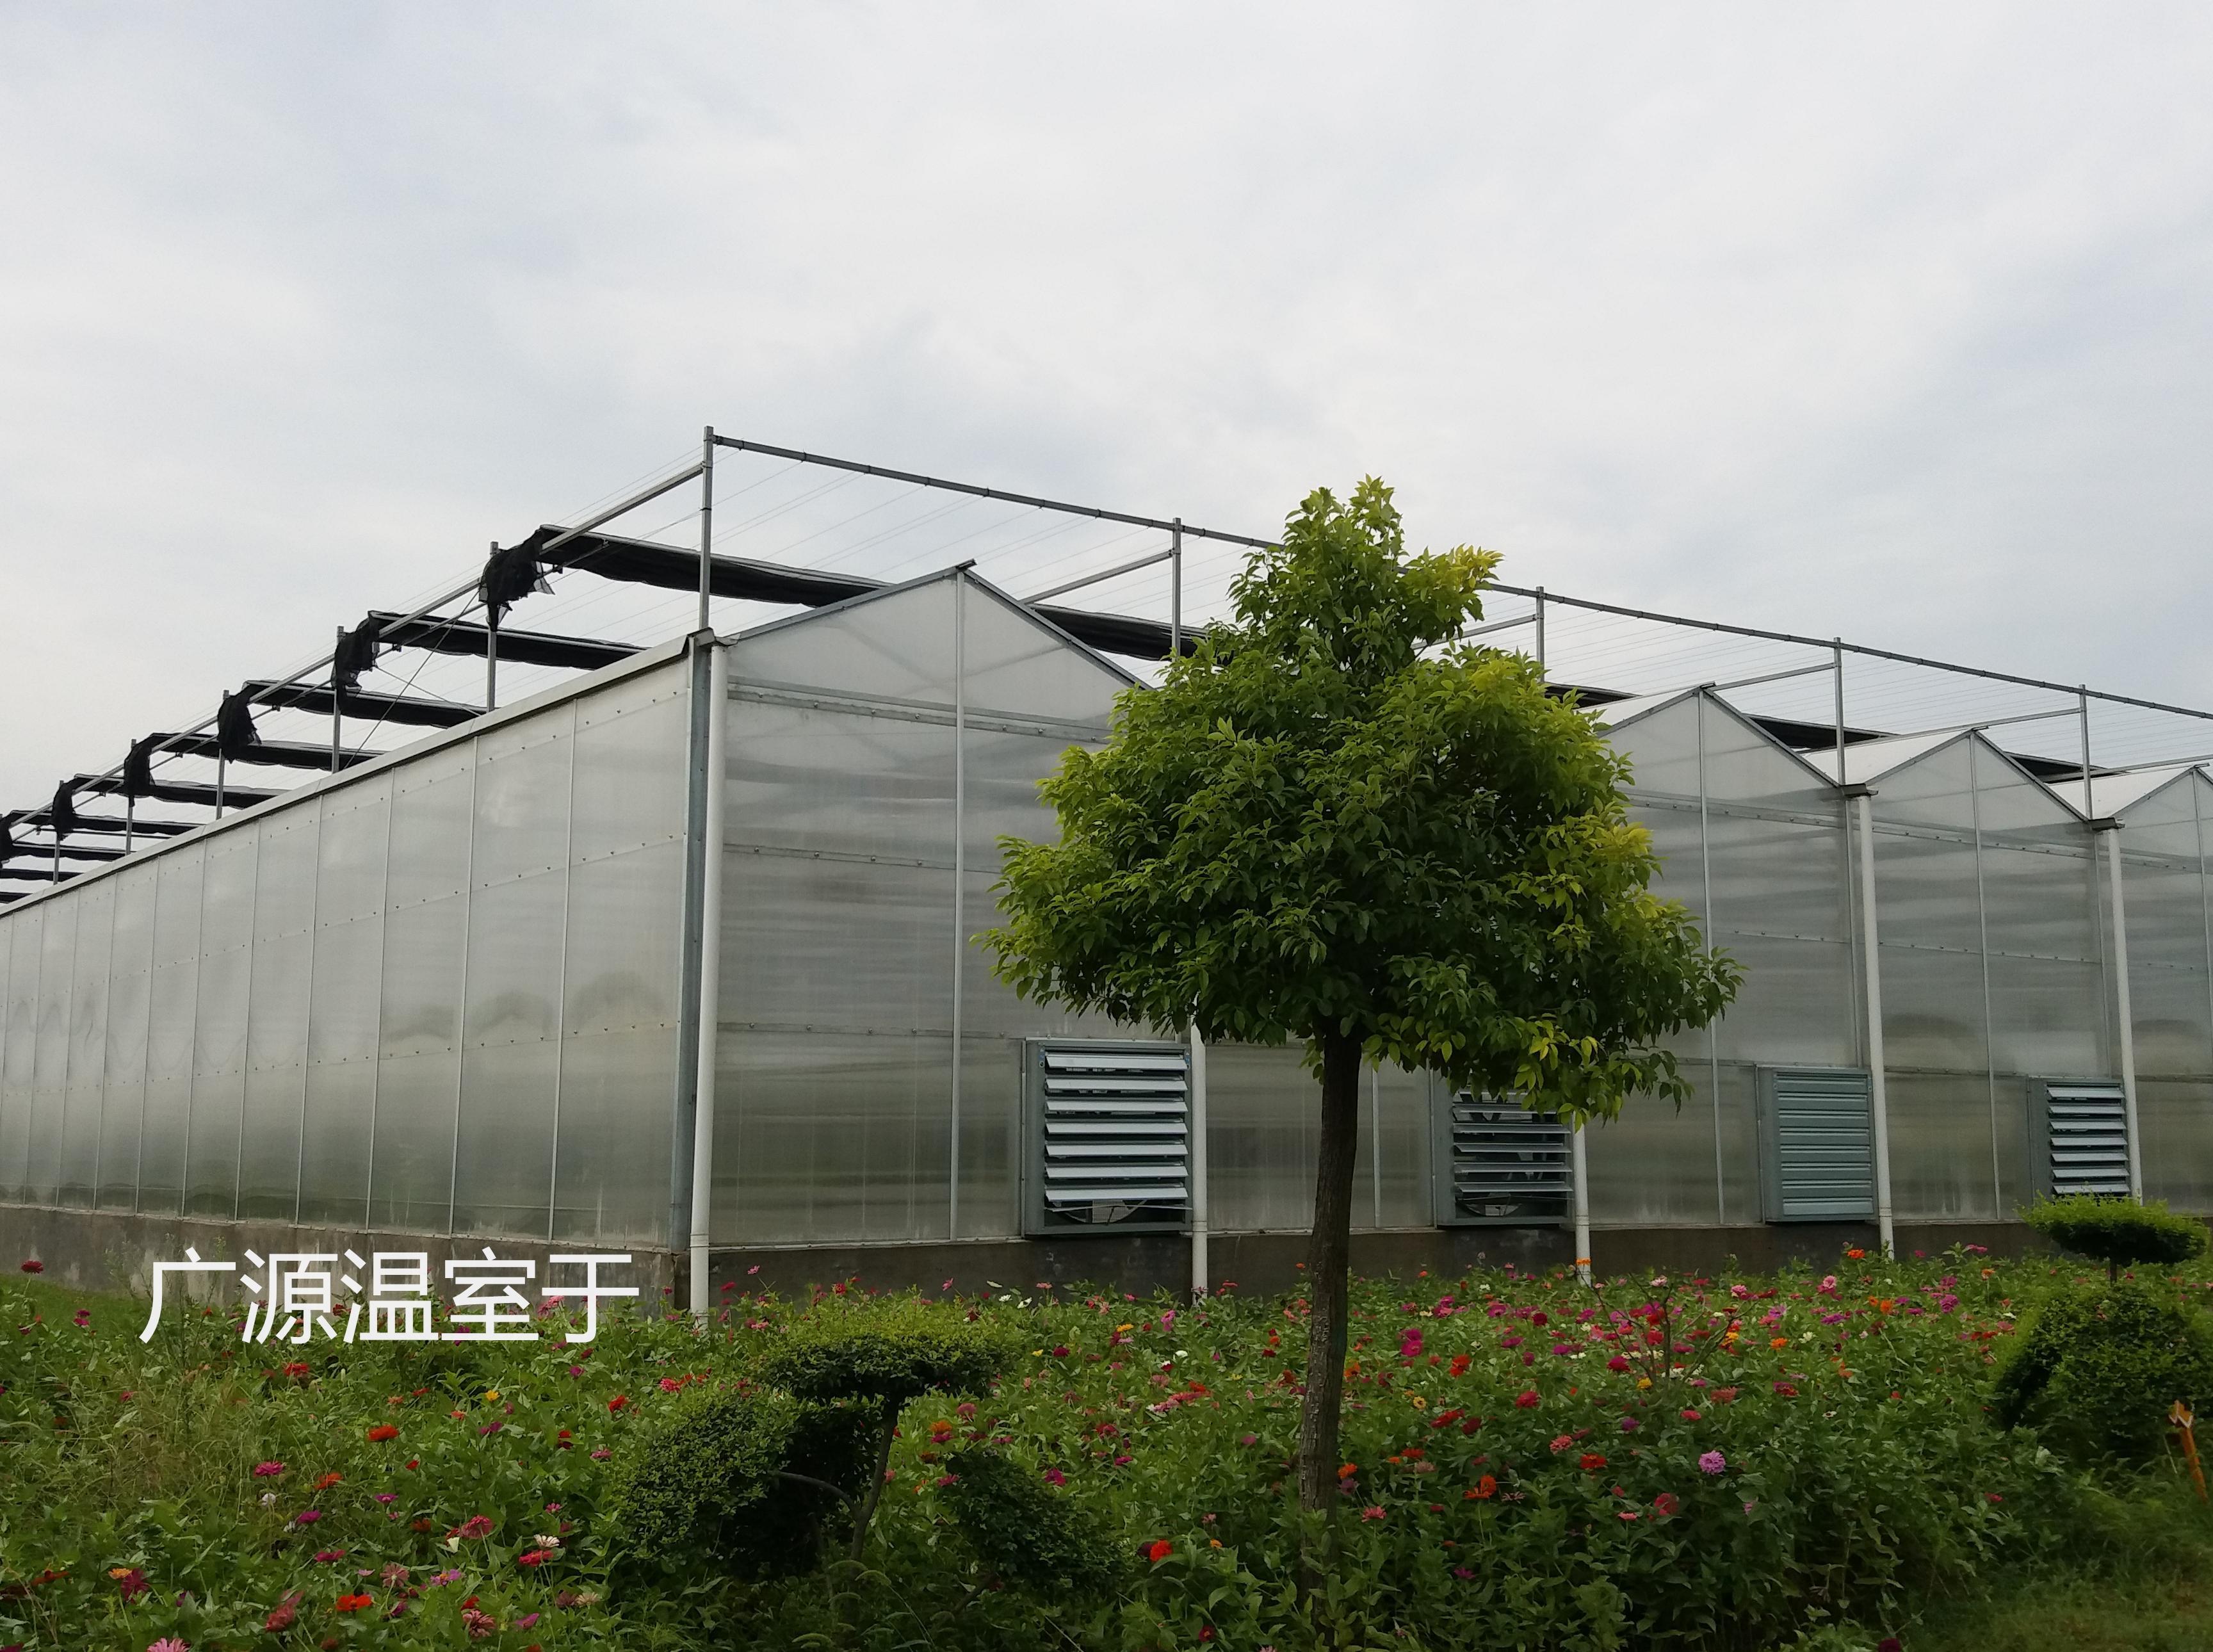 什么是智能连栋温室大棚,连栋温室大棚设计参数有哪些